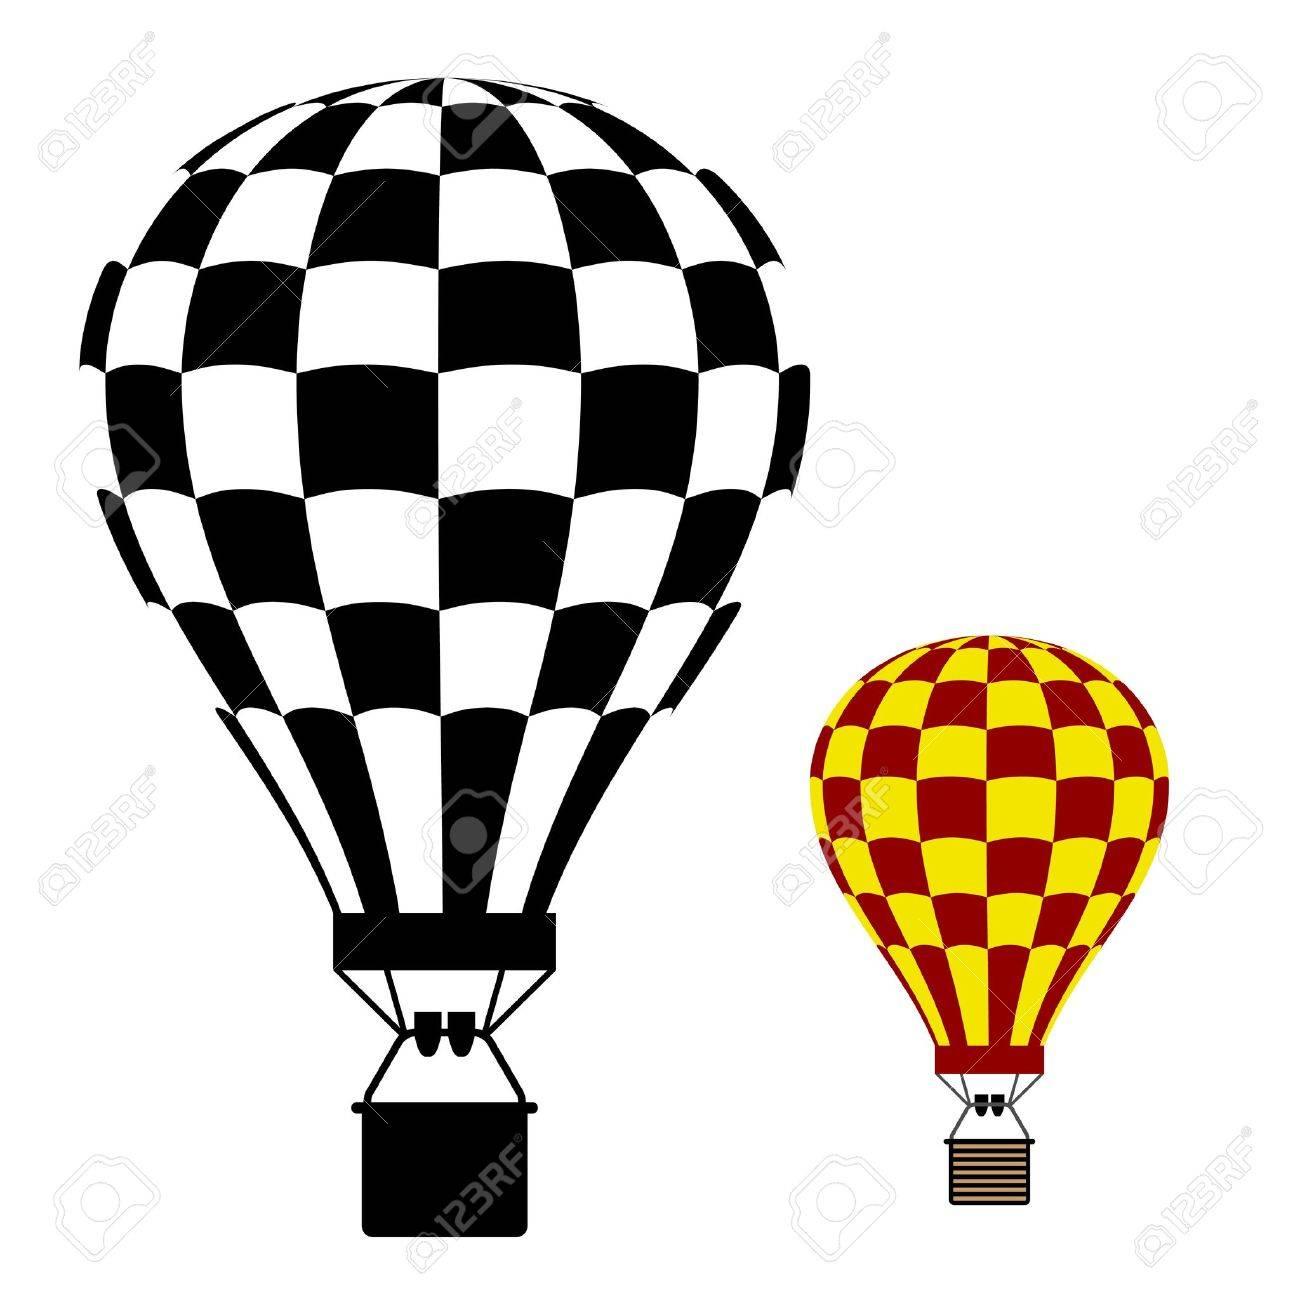 1300x1300 Hot Air Balloon Black Symbol Royalty Free Cliparts, Vectors,